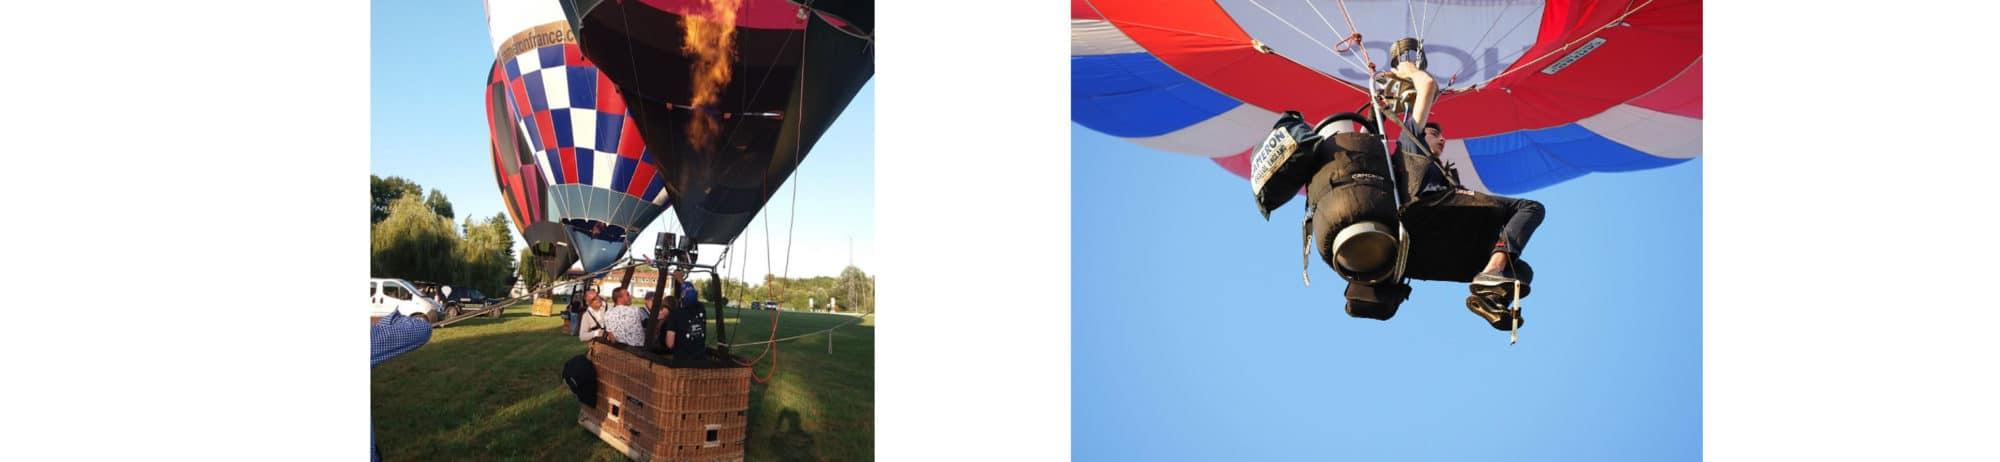 formations pilotes montgolfière à Dole - Jura